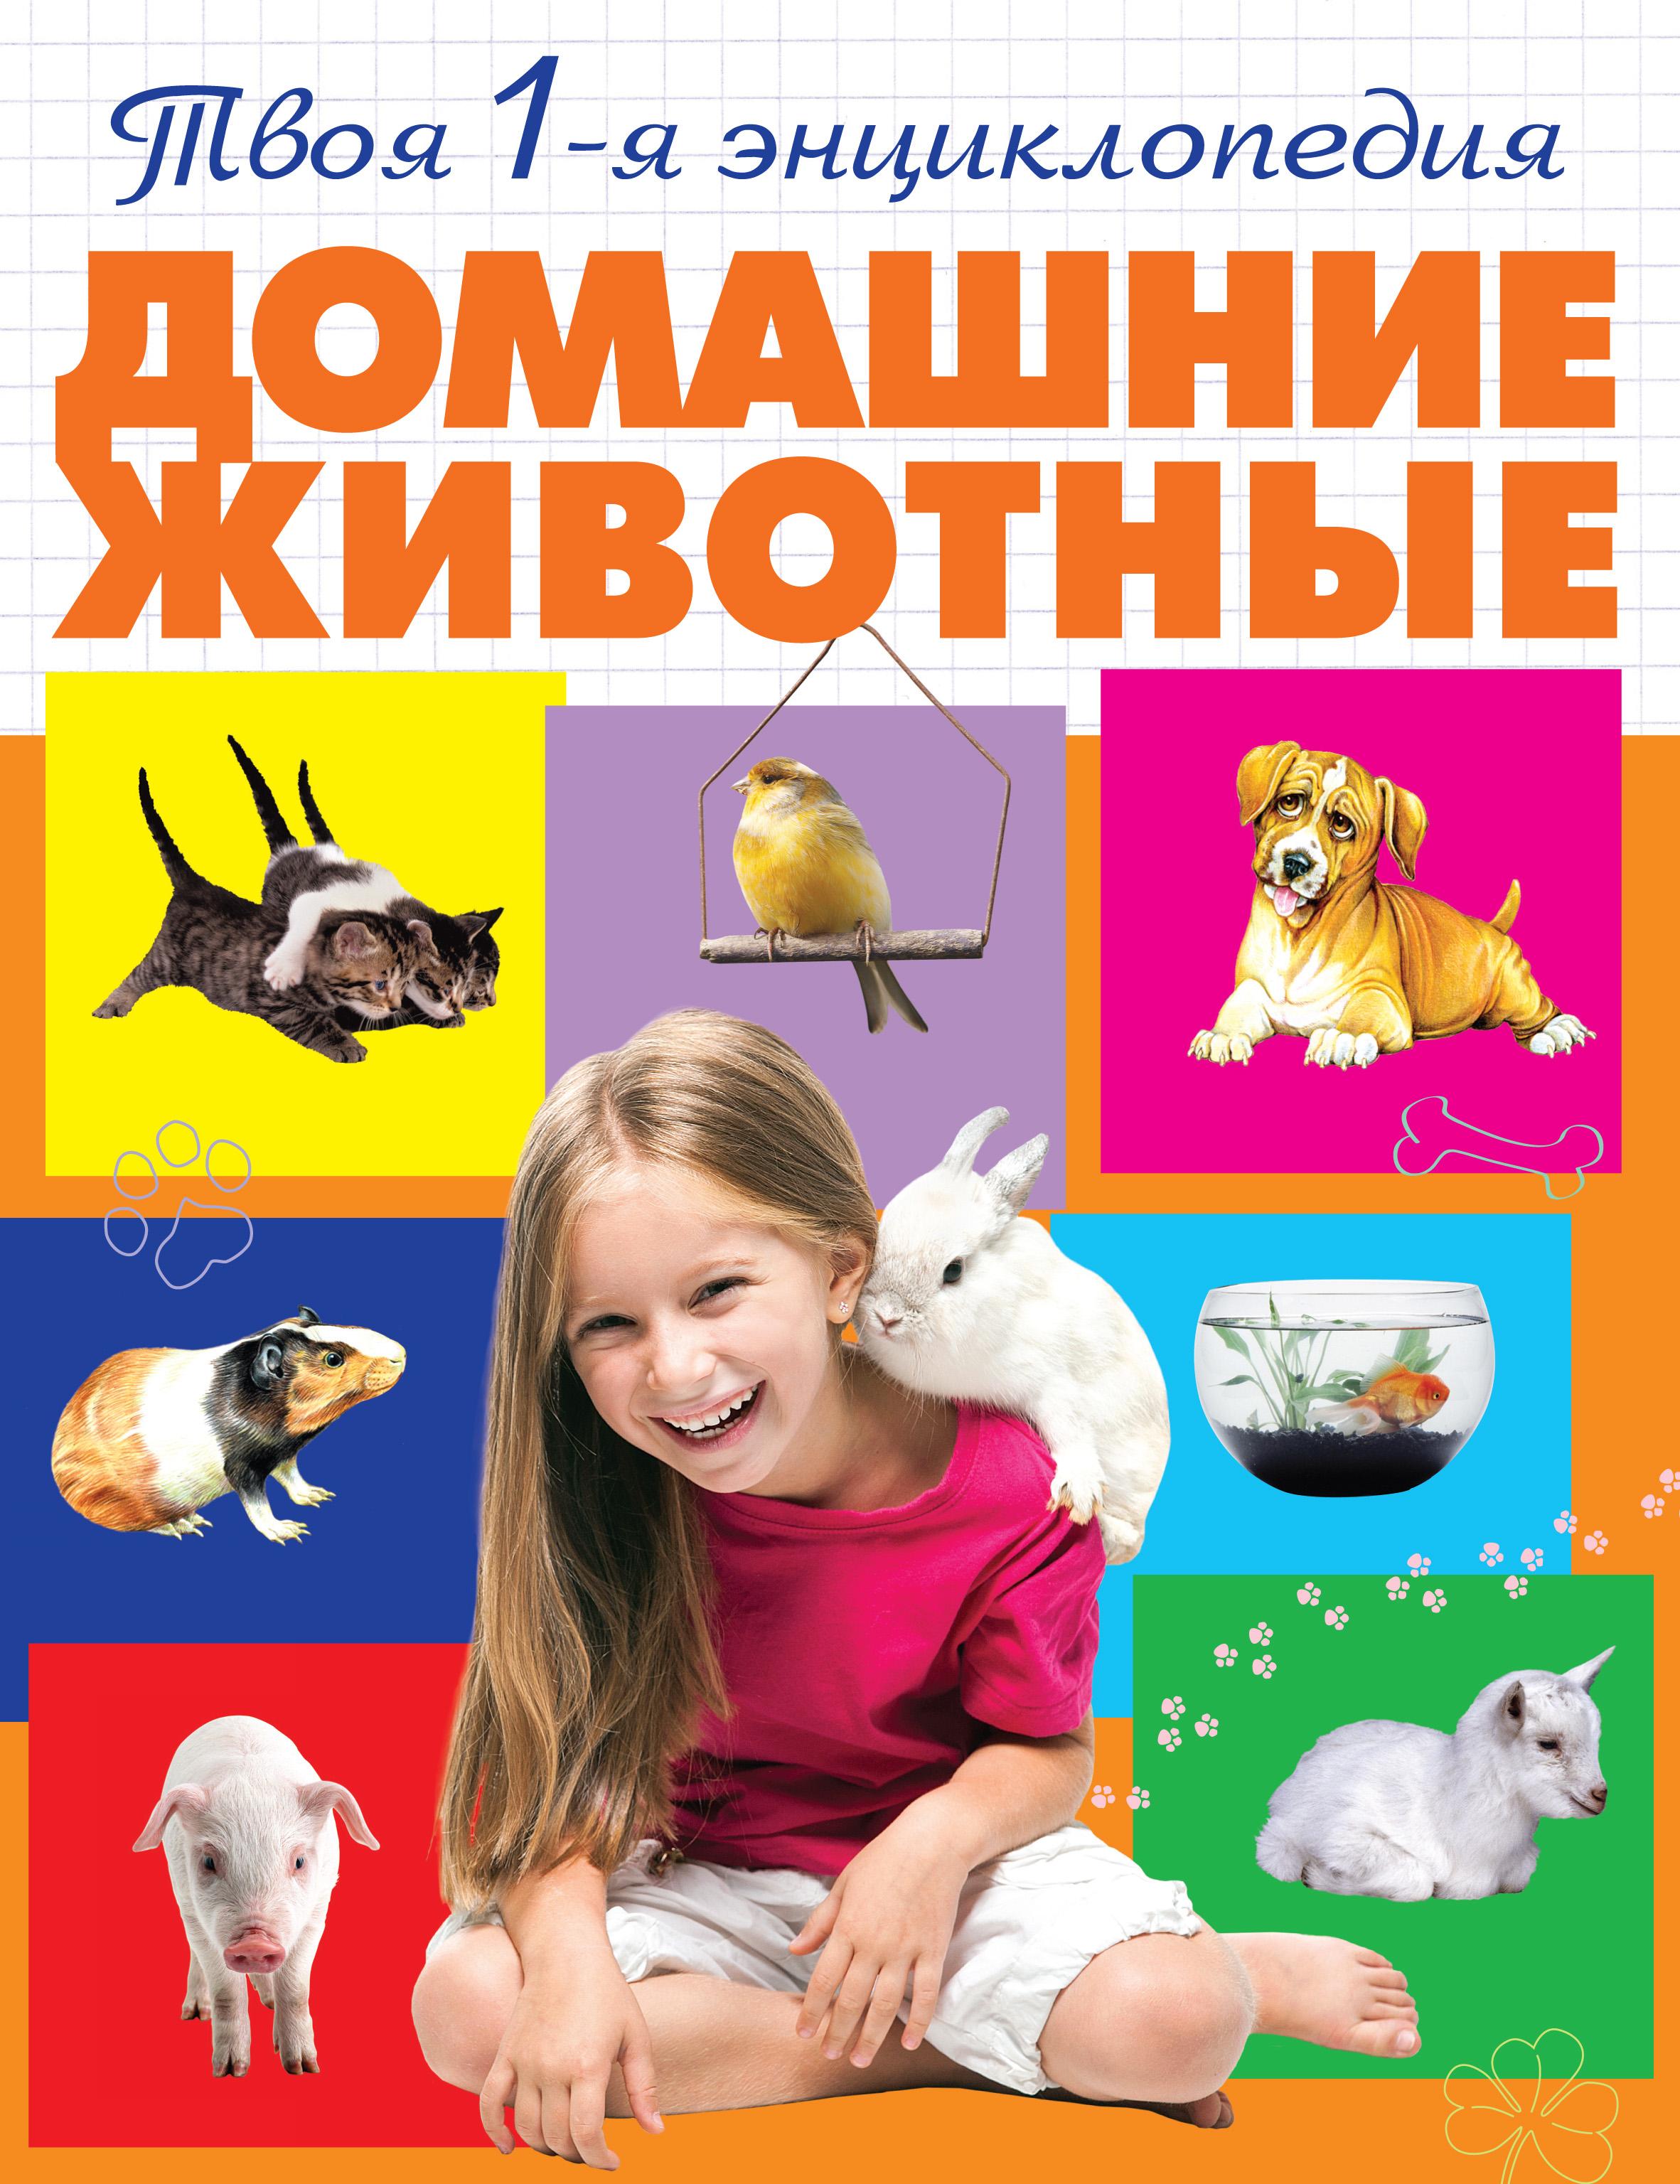 А. А. Смирнова Домашние животные шахтеры